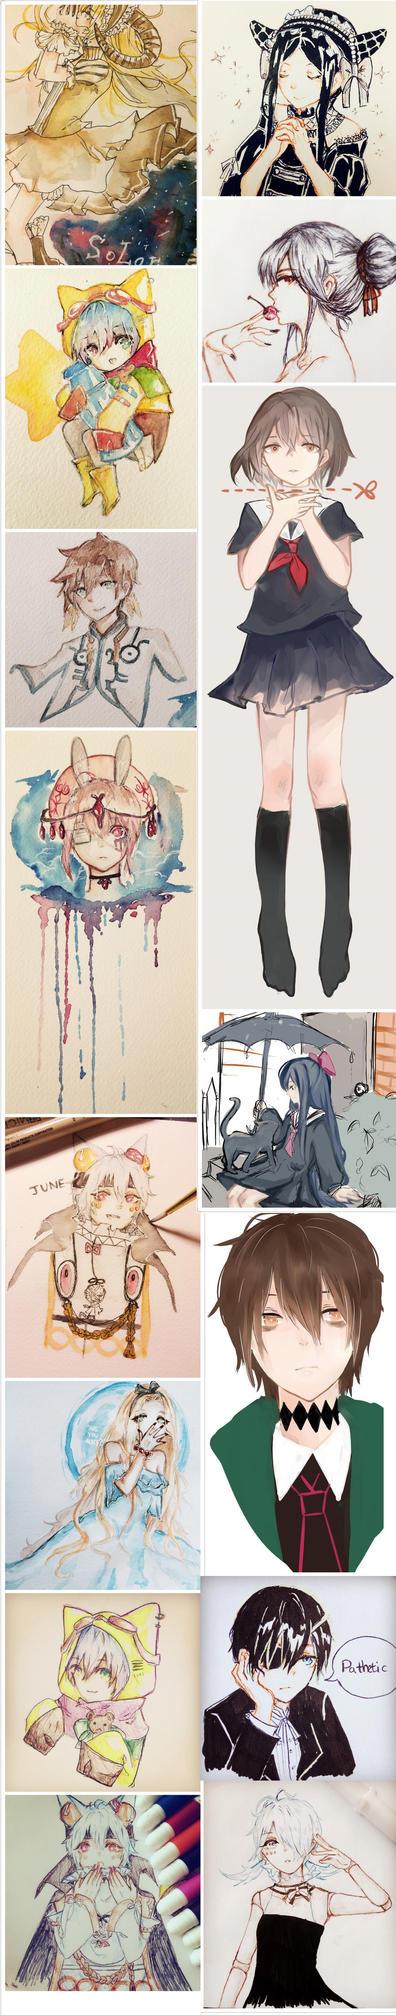 Art Dump by Nekoichu